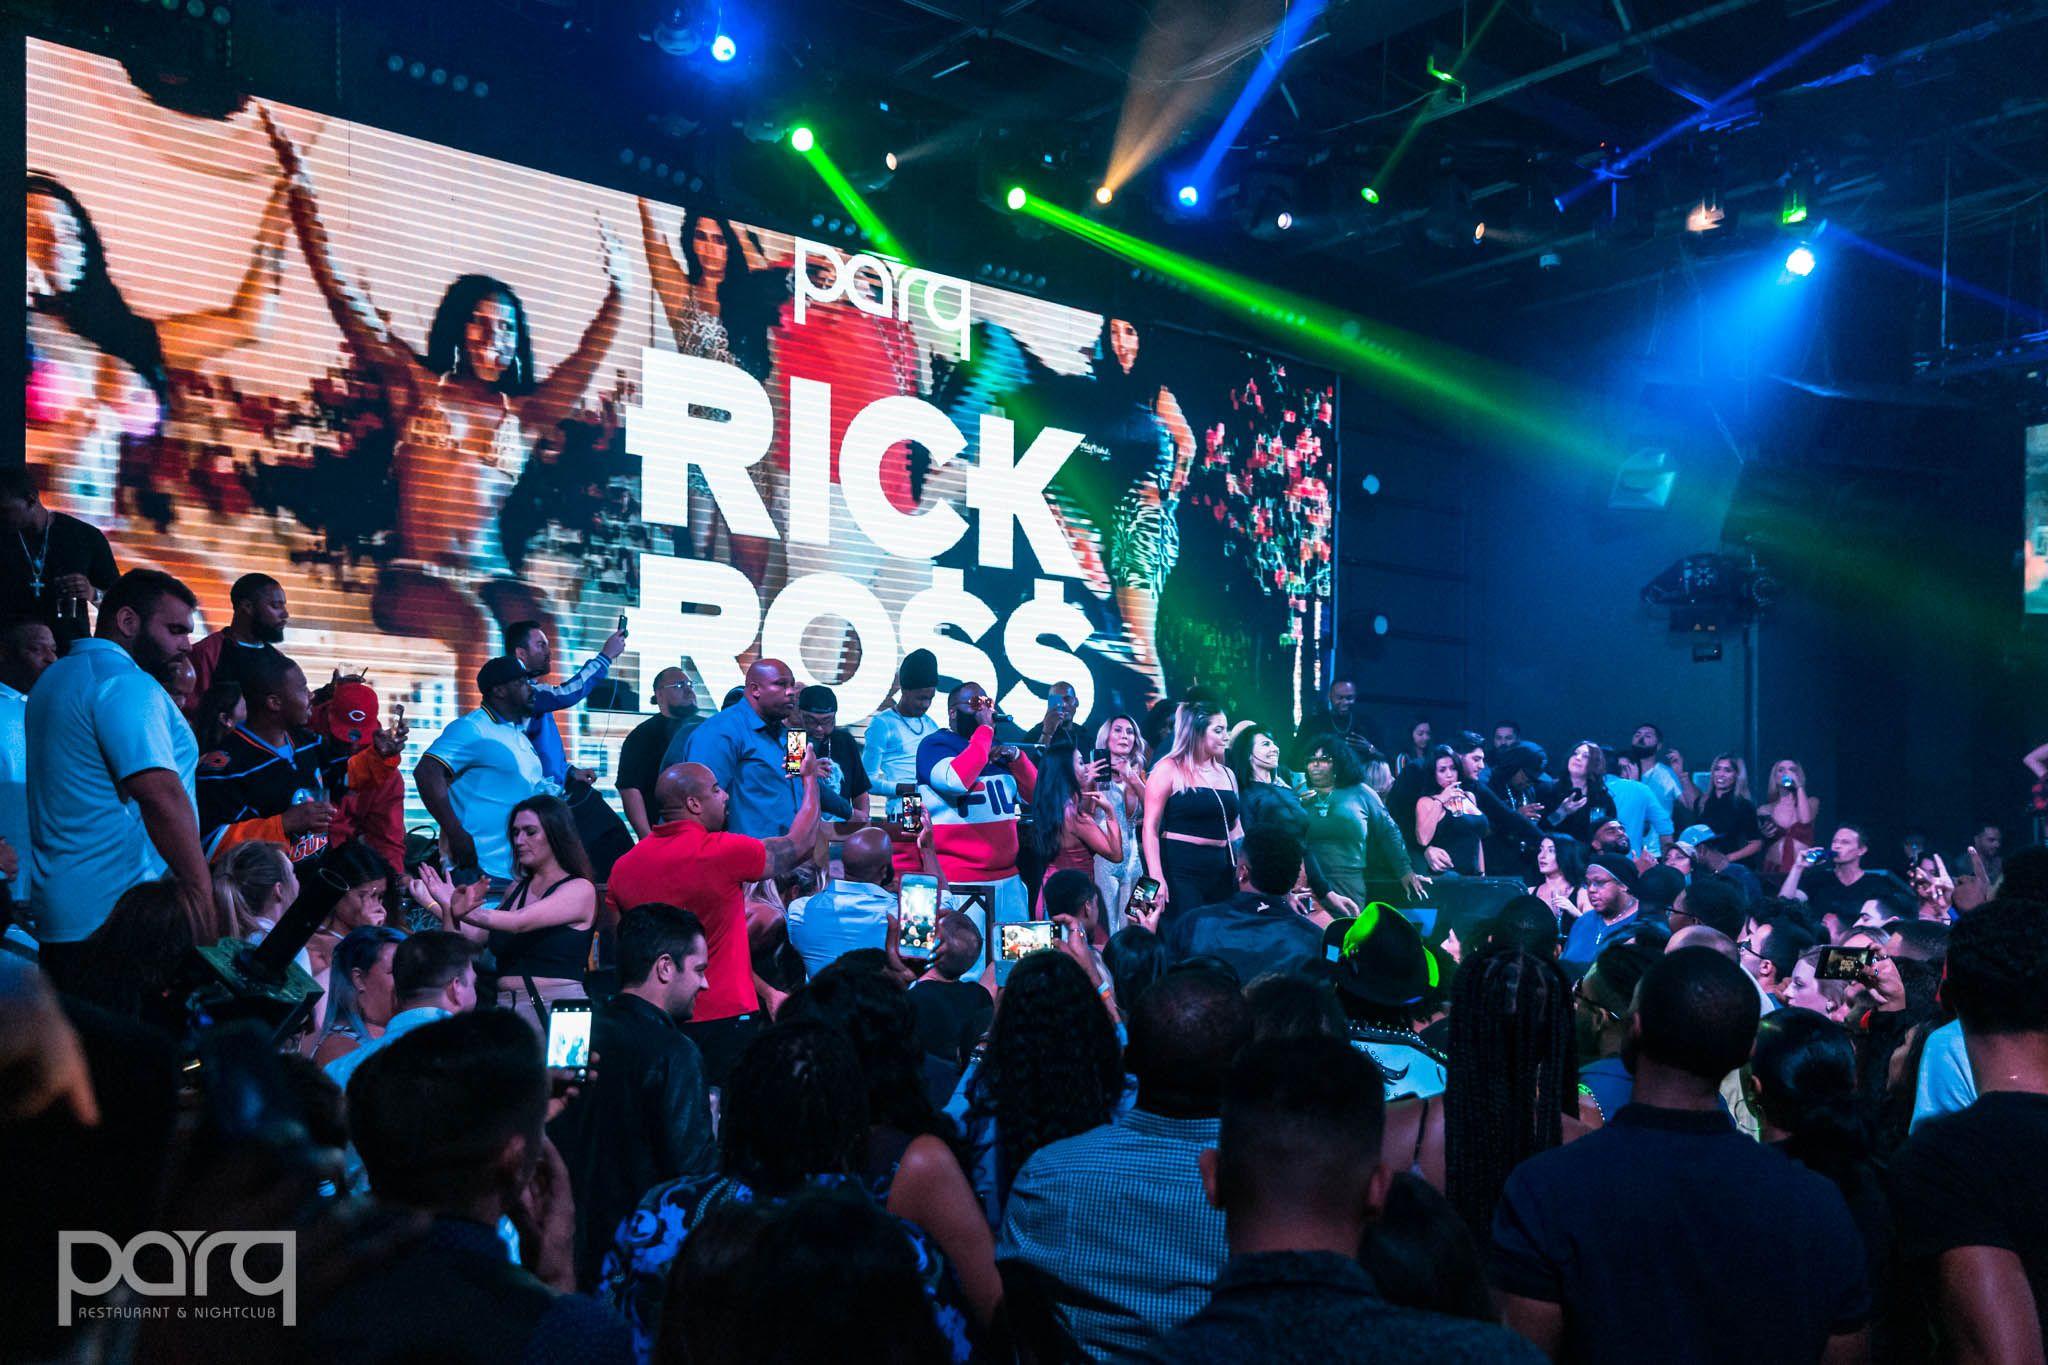 11.03.18 Parq - Rick Ross-1.jpg